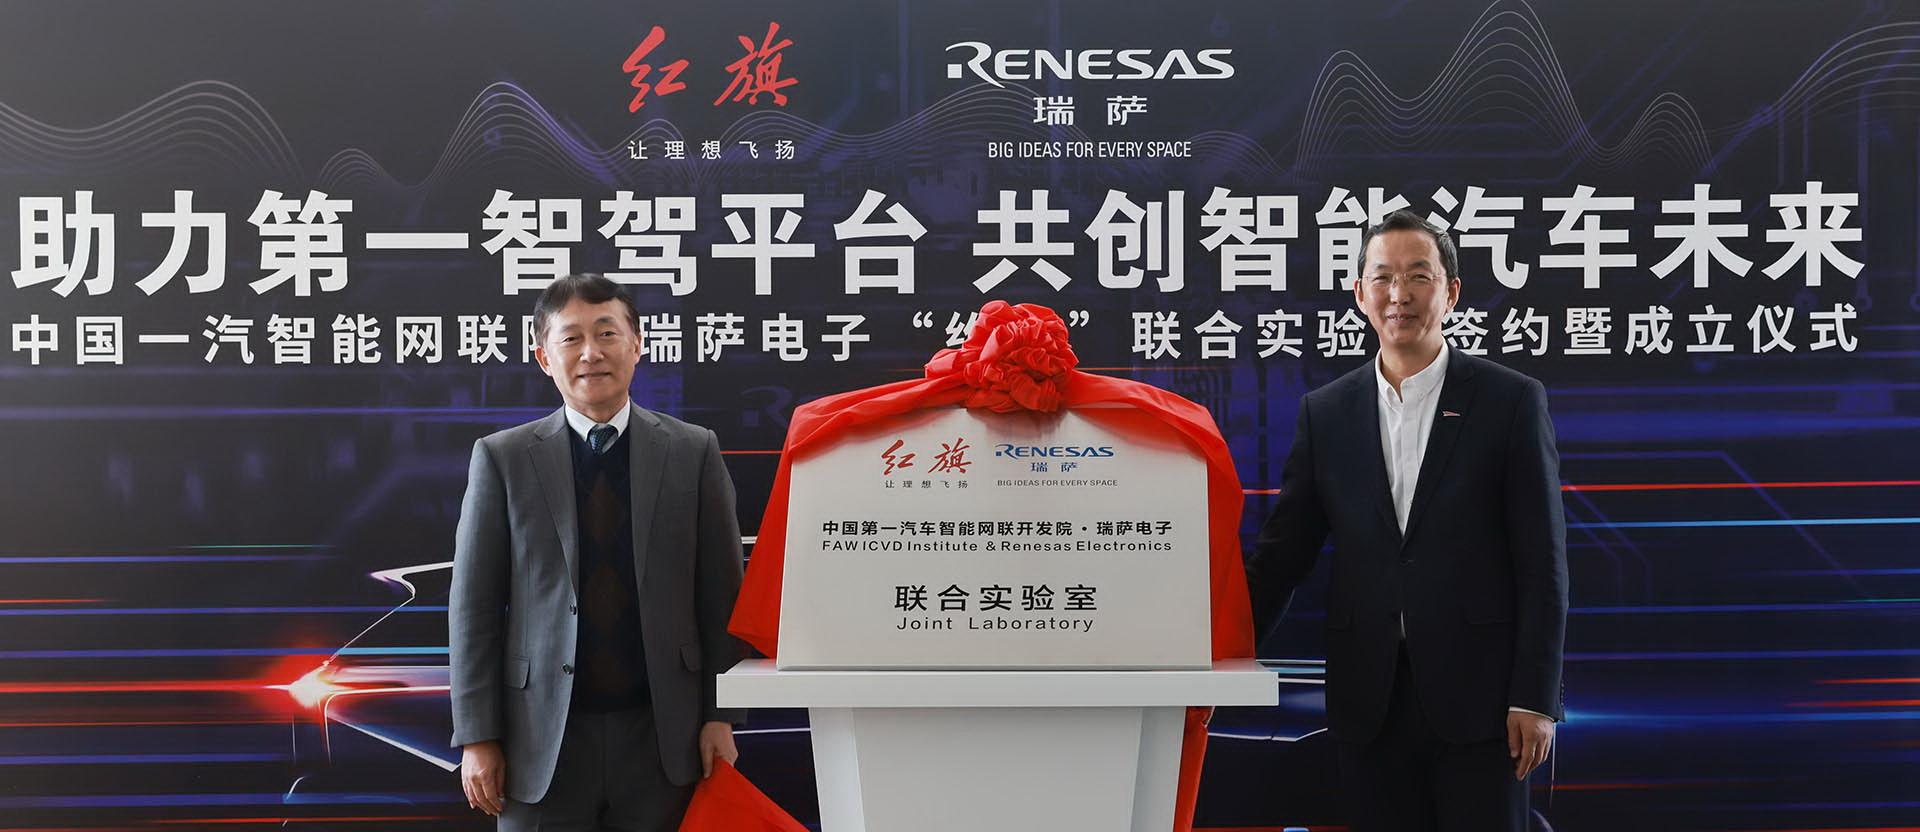 瑞萨电子与中国一汽成立联合实验室 加速面向中国市场的下一代智能汽车的设计开发